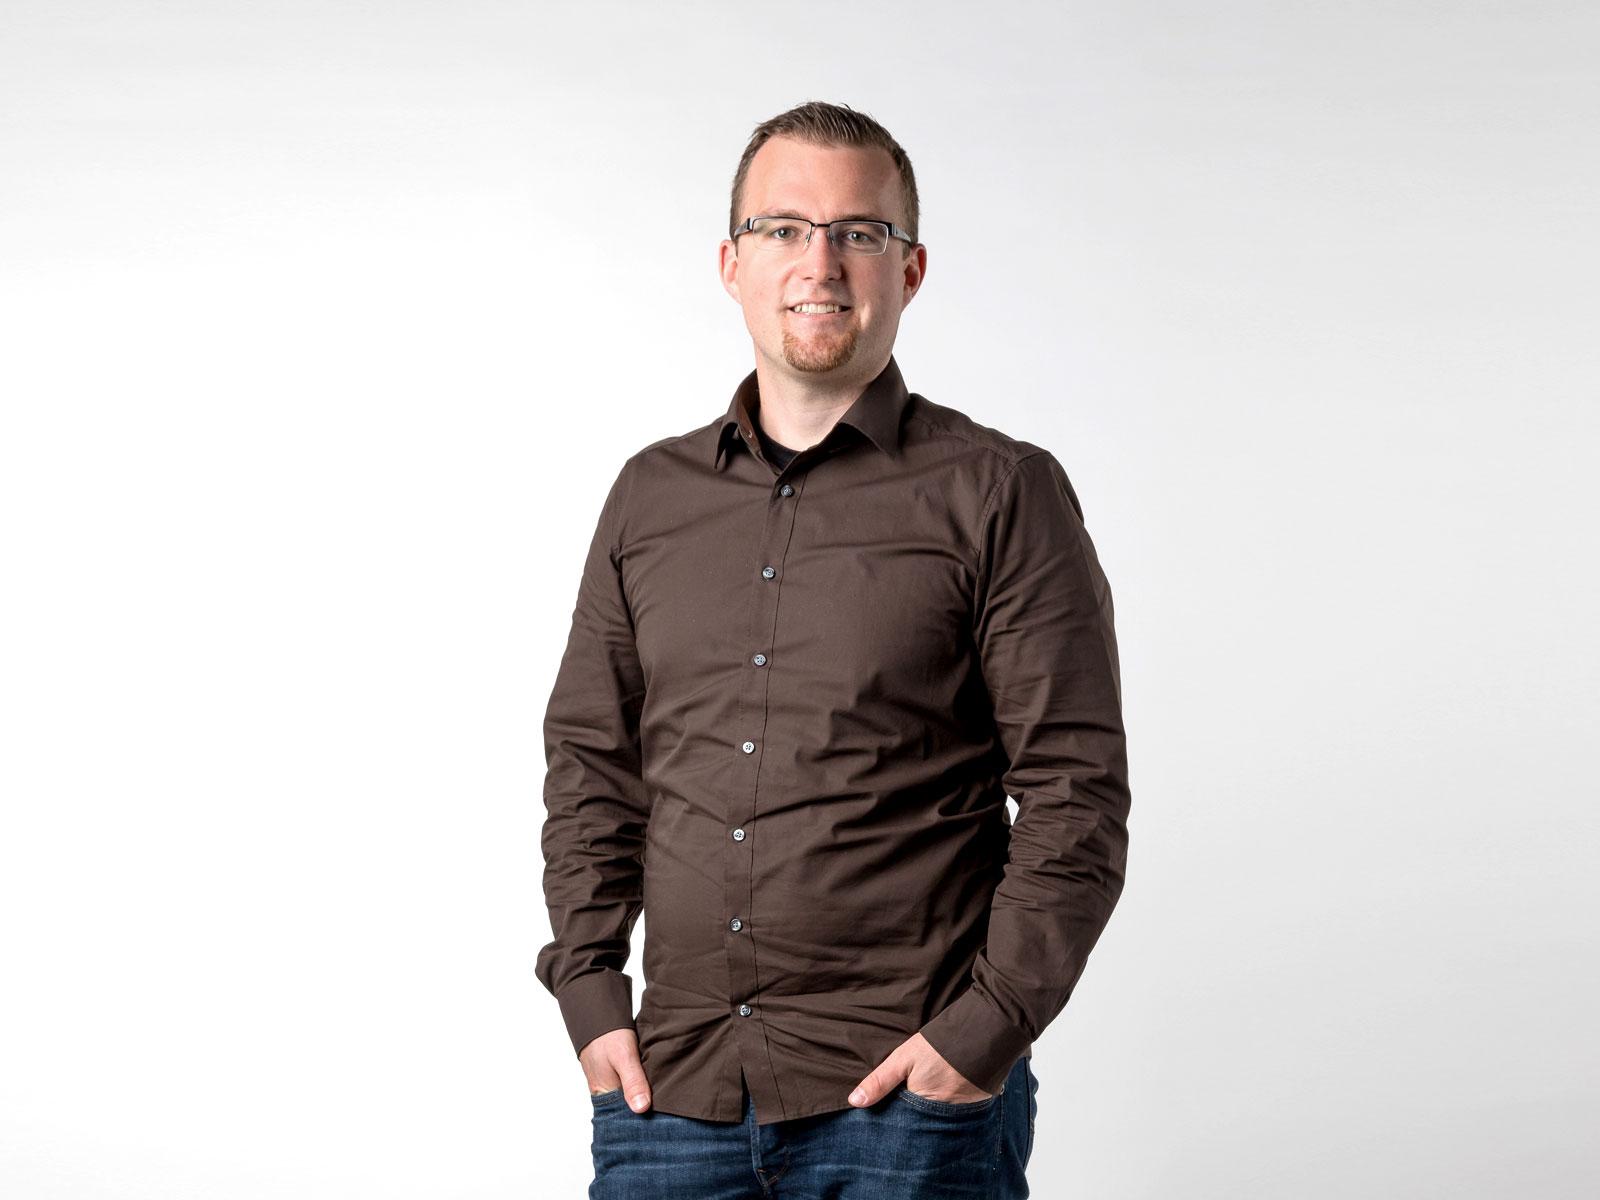 GEO Netz Vermessung und Bauingenieurwesen, Geomatik Schwyz Bruno Ruedisueli